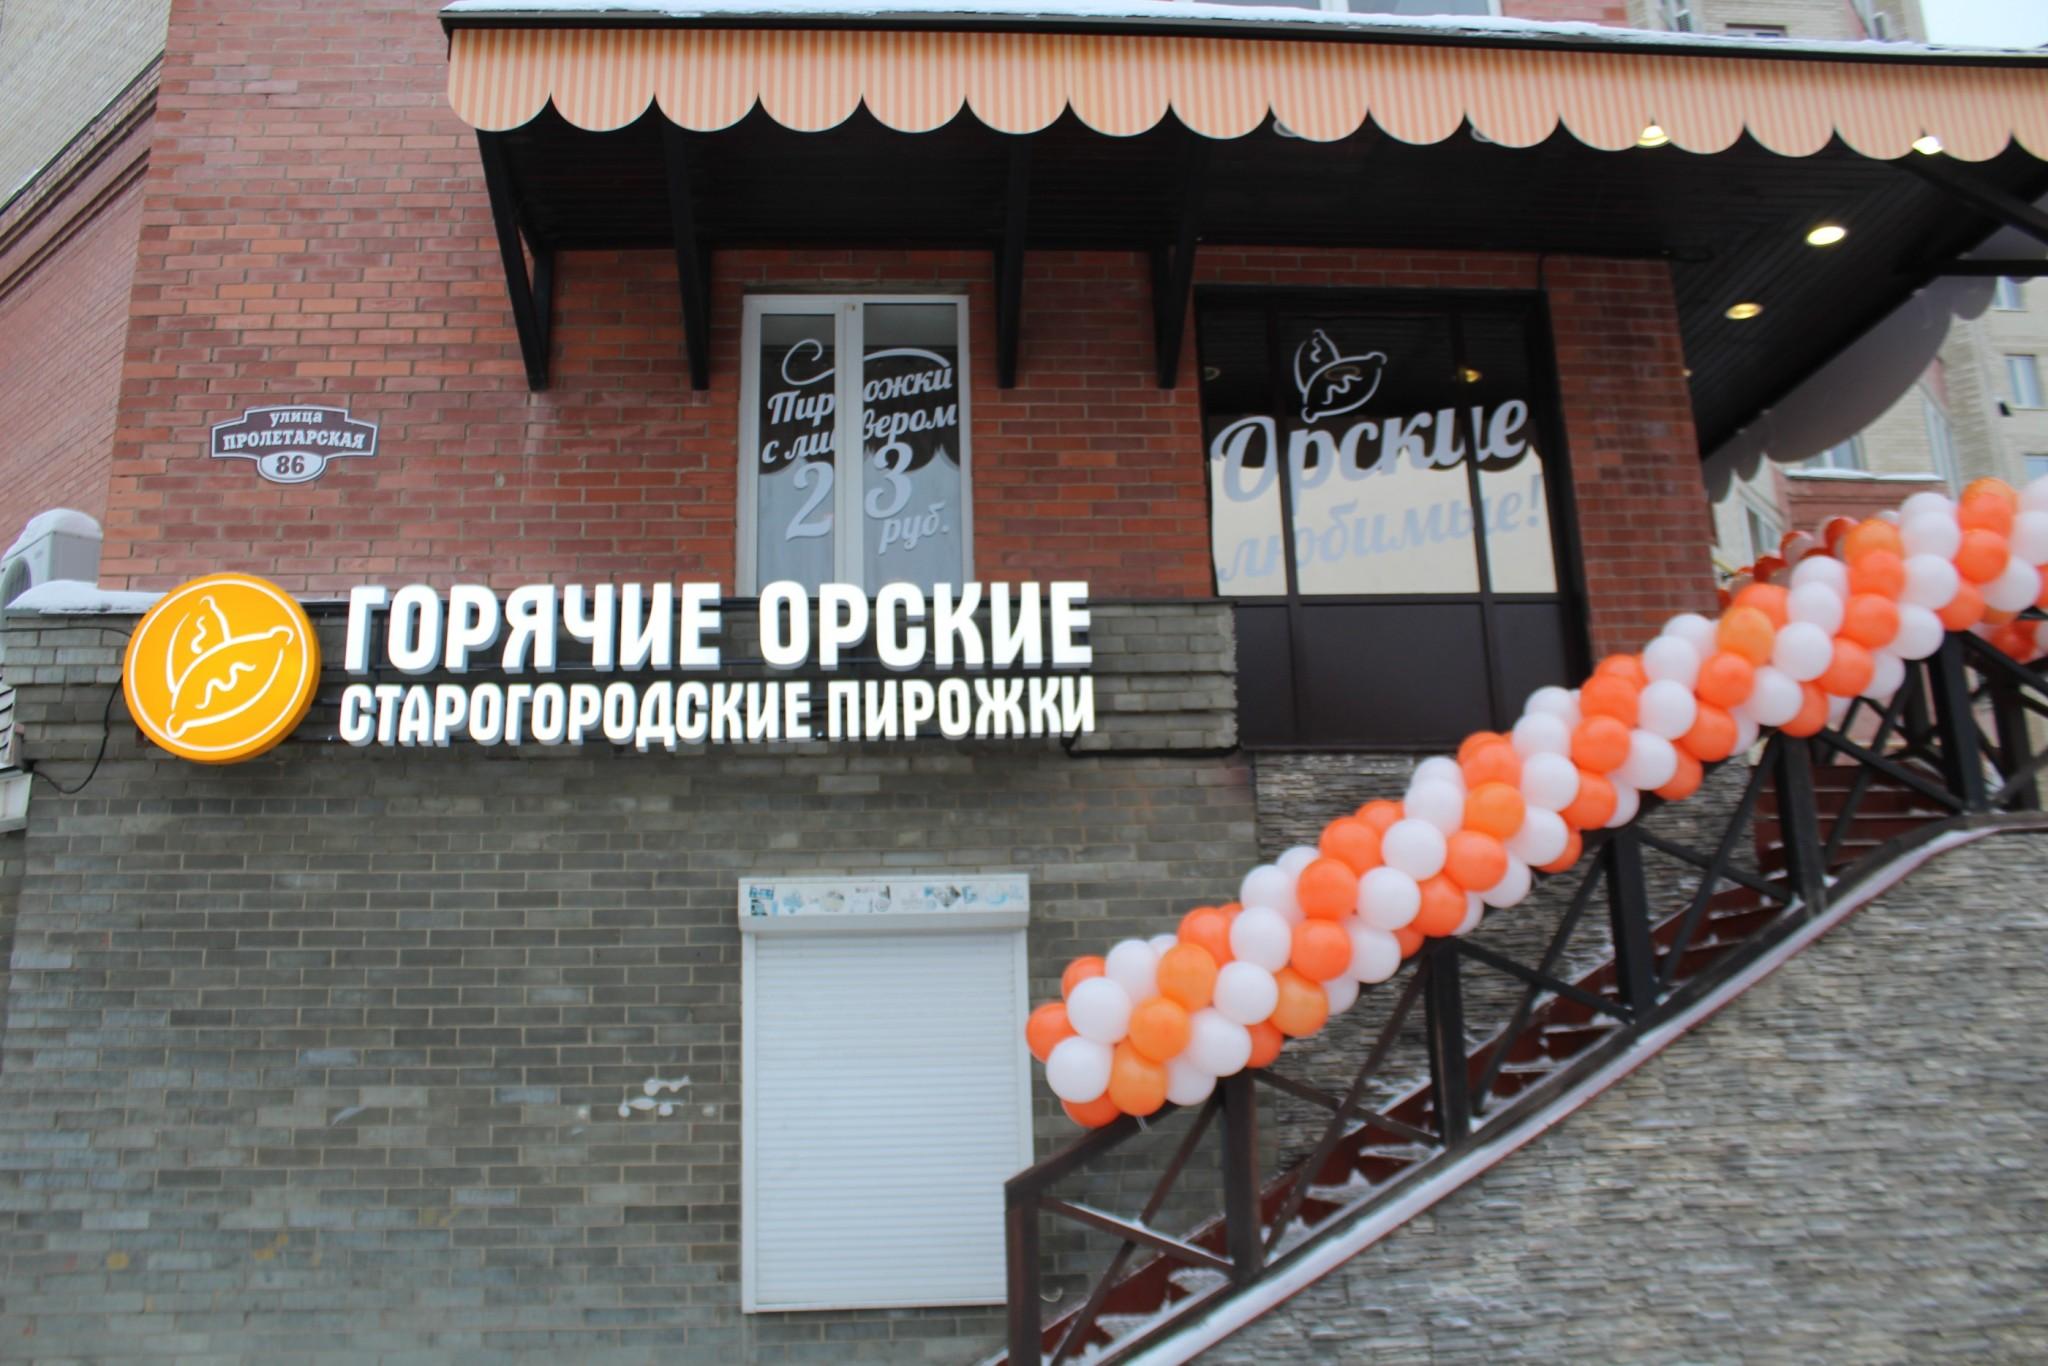 Где купить орские пирожки в Оренбурге